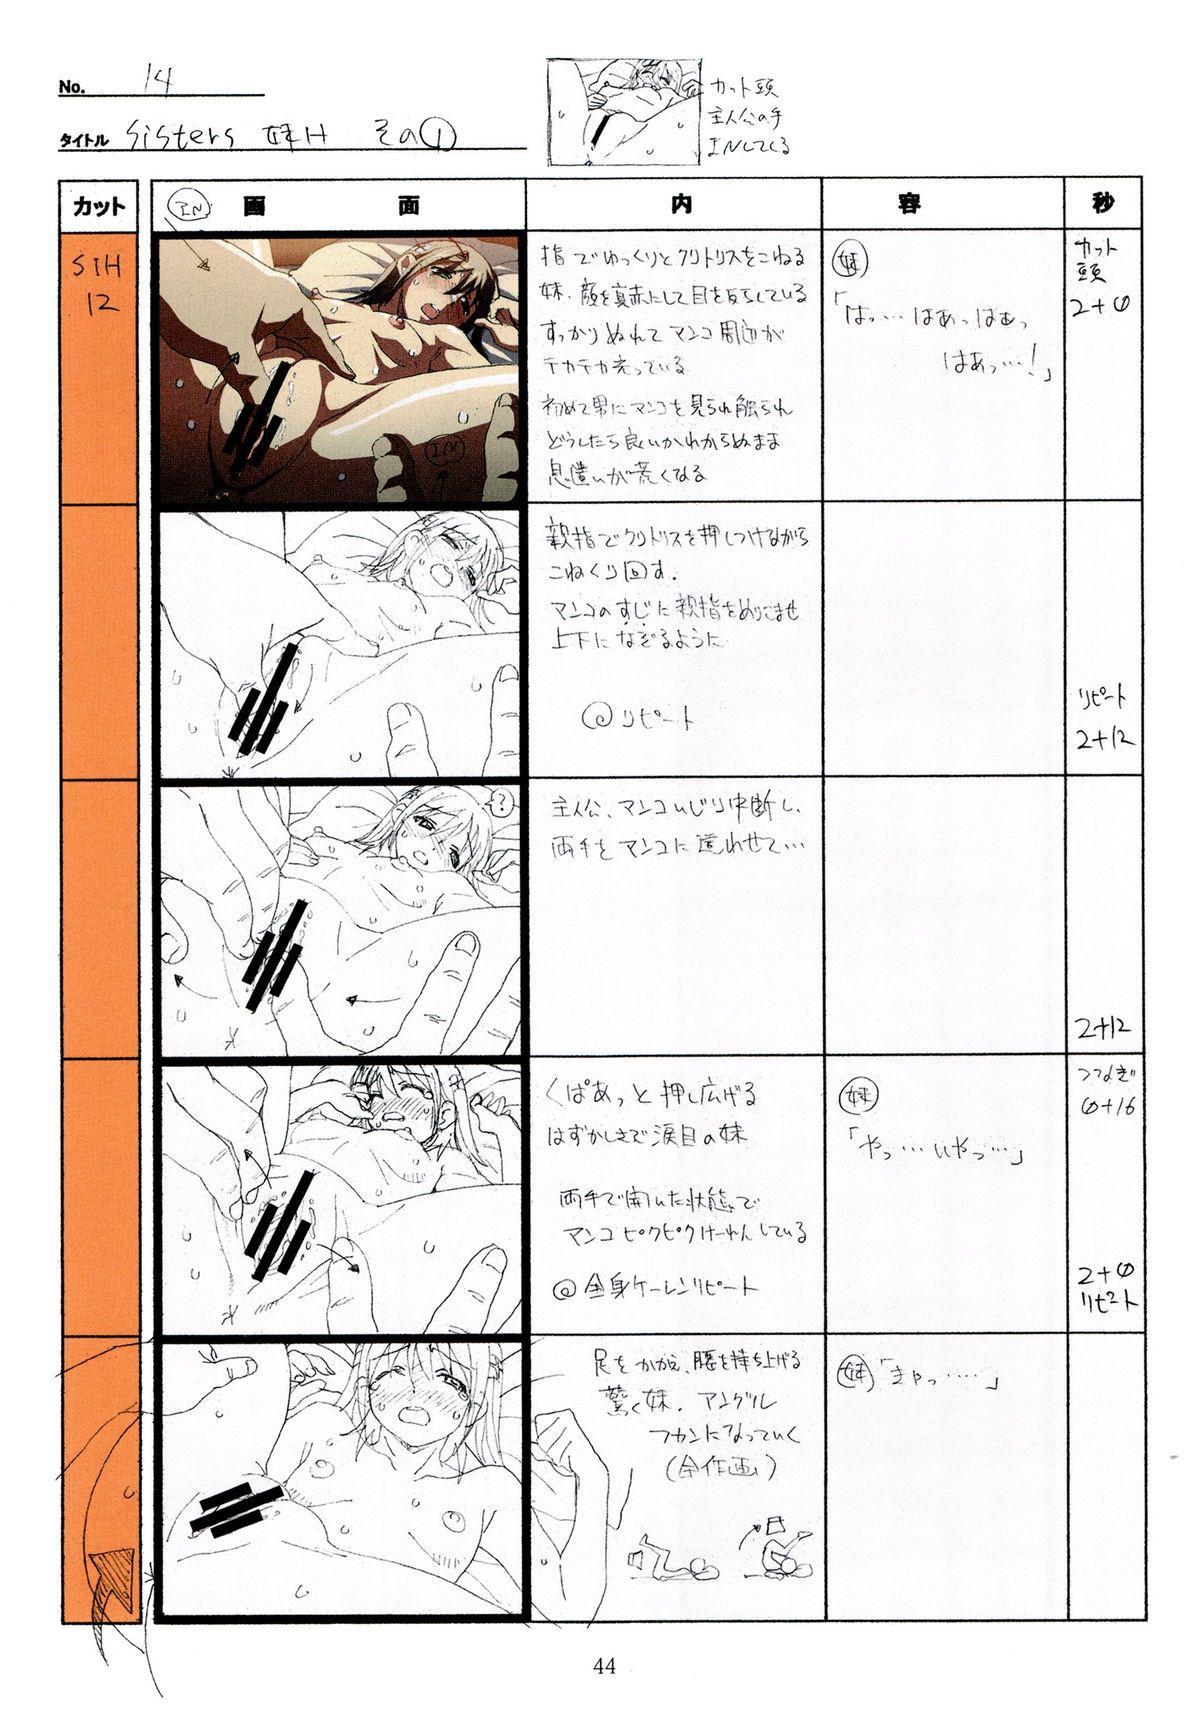 (C89) [Makino Jimusho (Taki Minashika)] SISTERS -Natsu no Saigo no Hi- H Scene All Part Storyboard (SISTERS -Natsu no Saigo no Hi-) 43